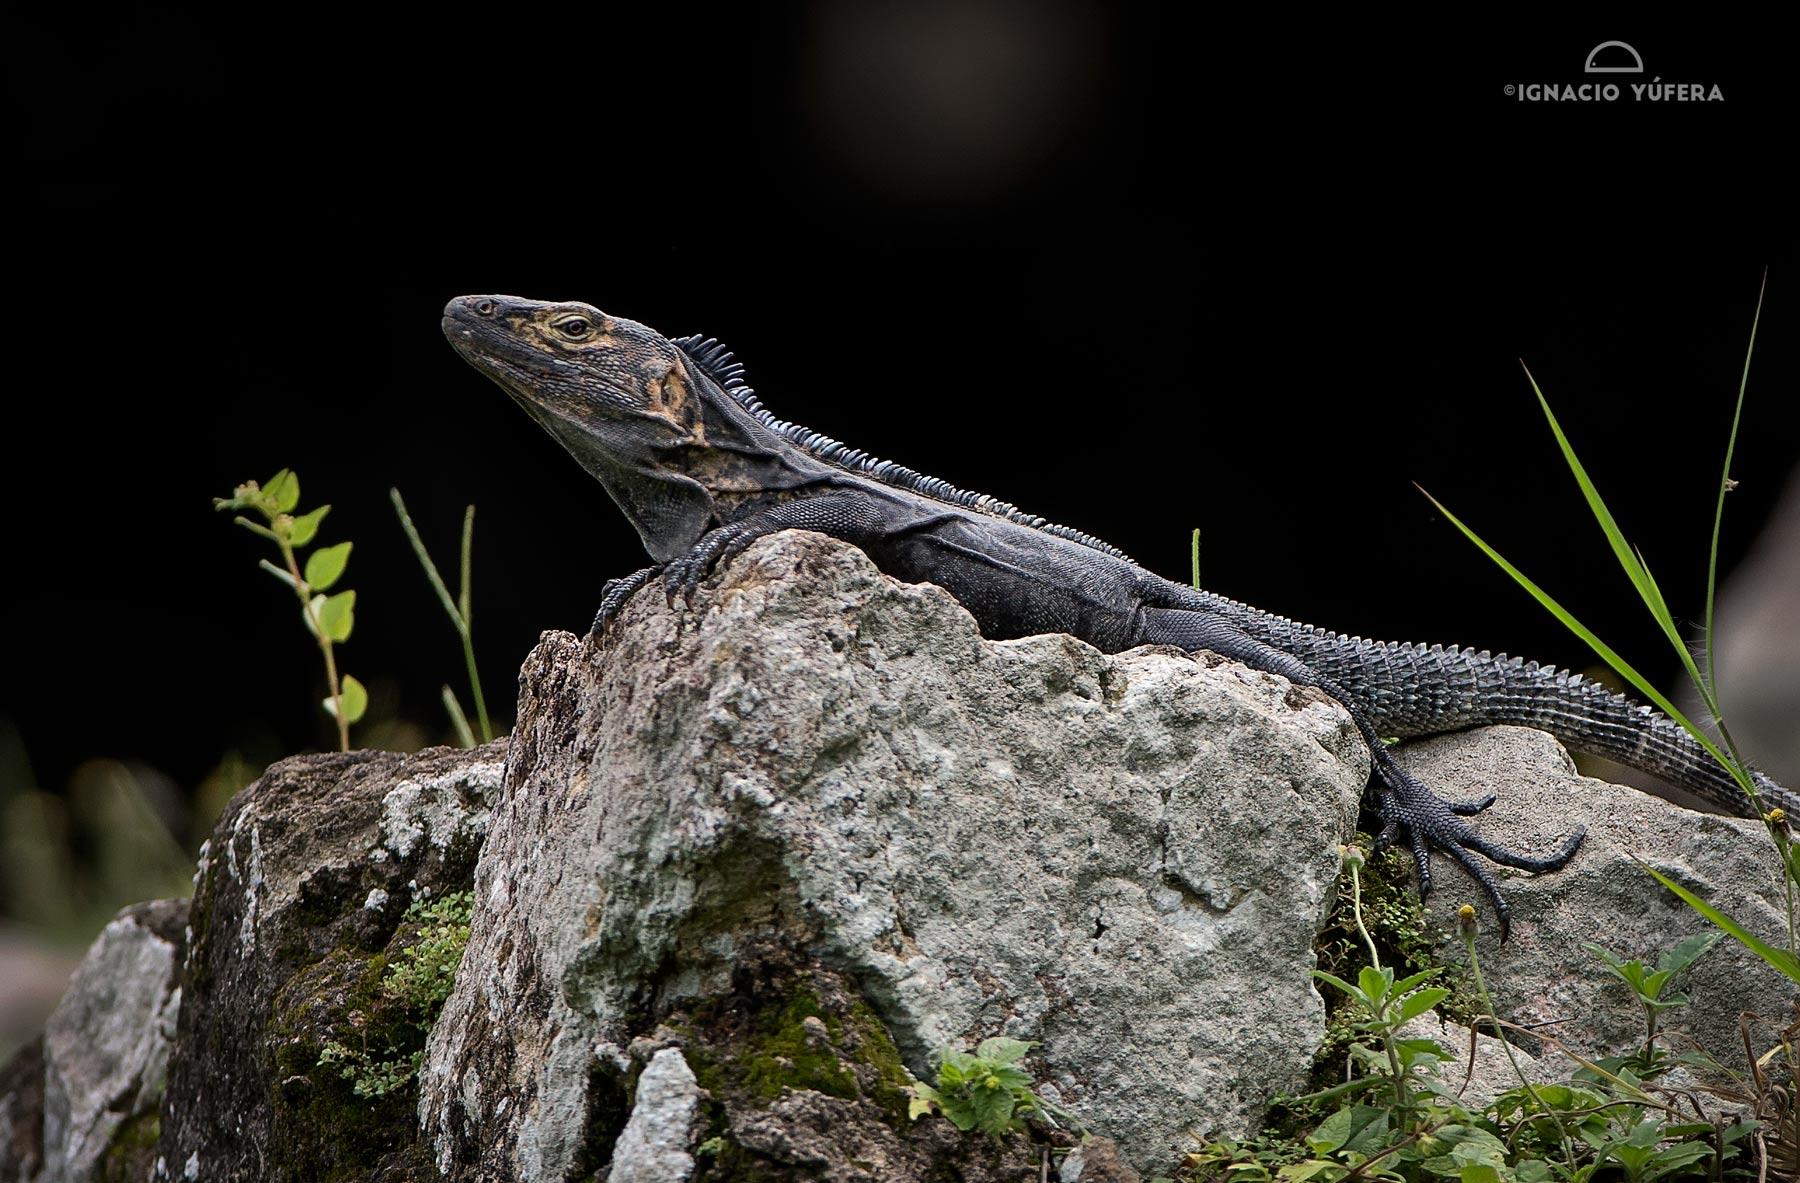 Spiny-tailed iguana (Ctenosaura similis), male, ruins of Panama Viejo, Panama, July